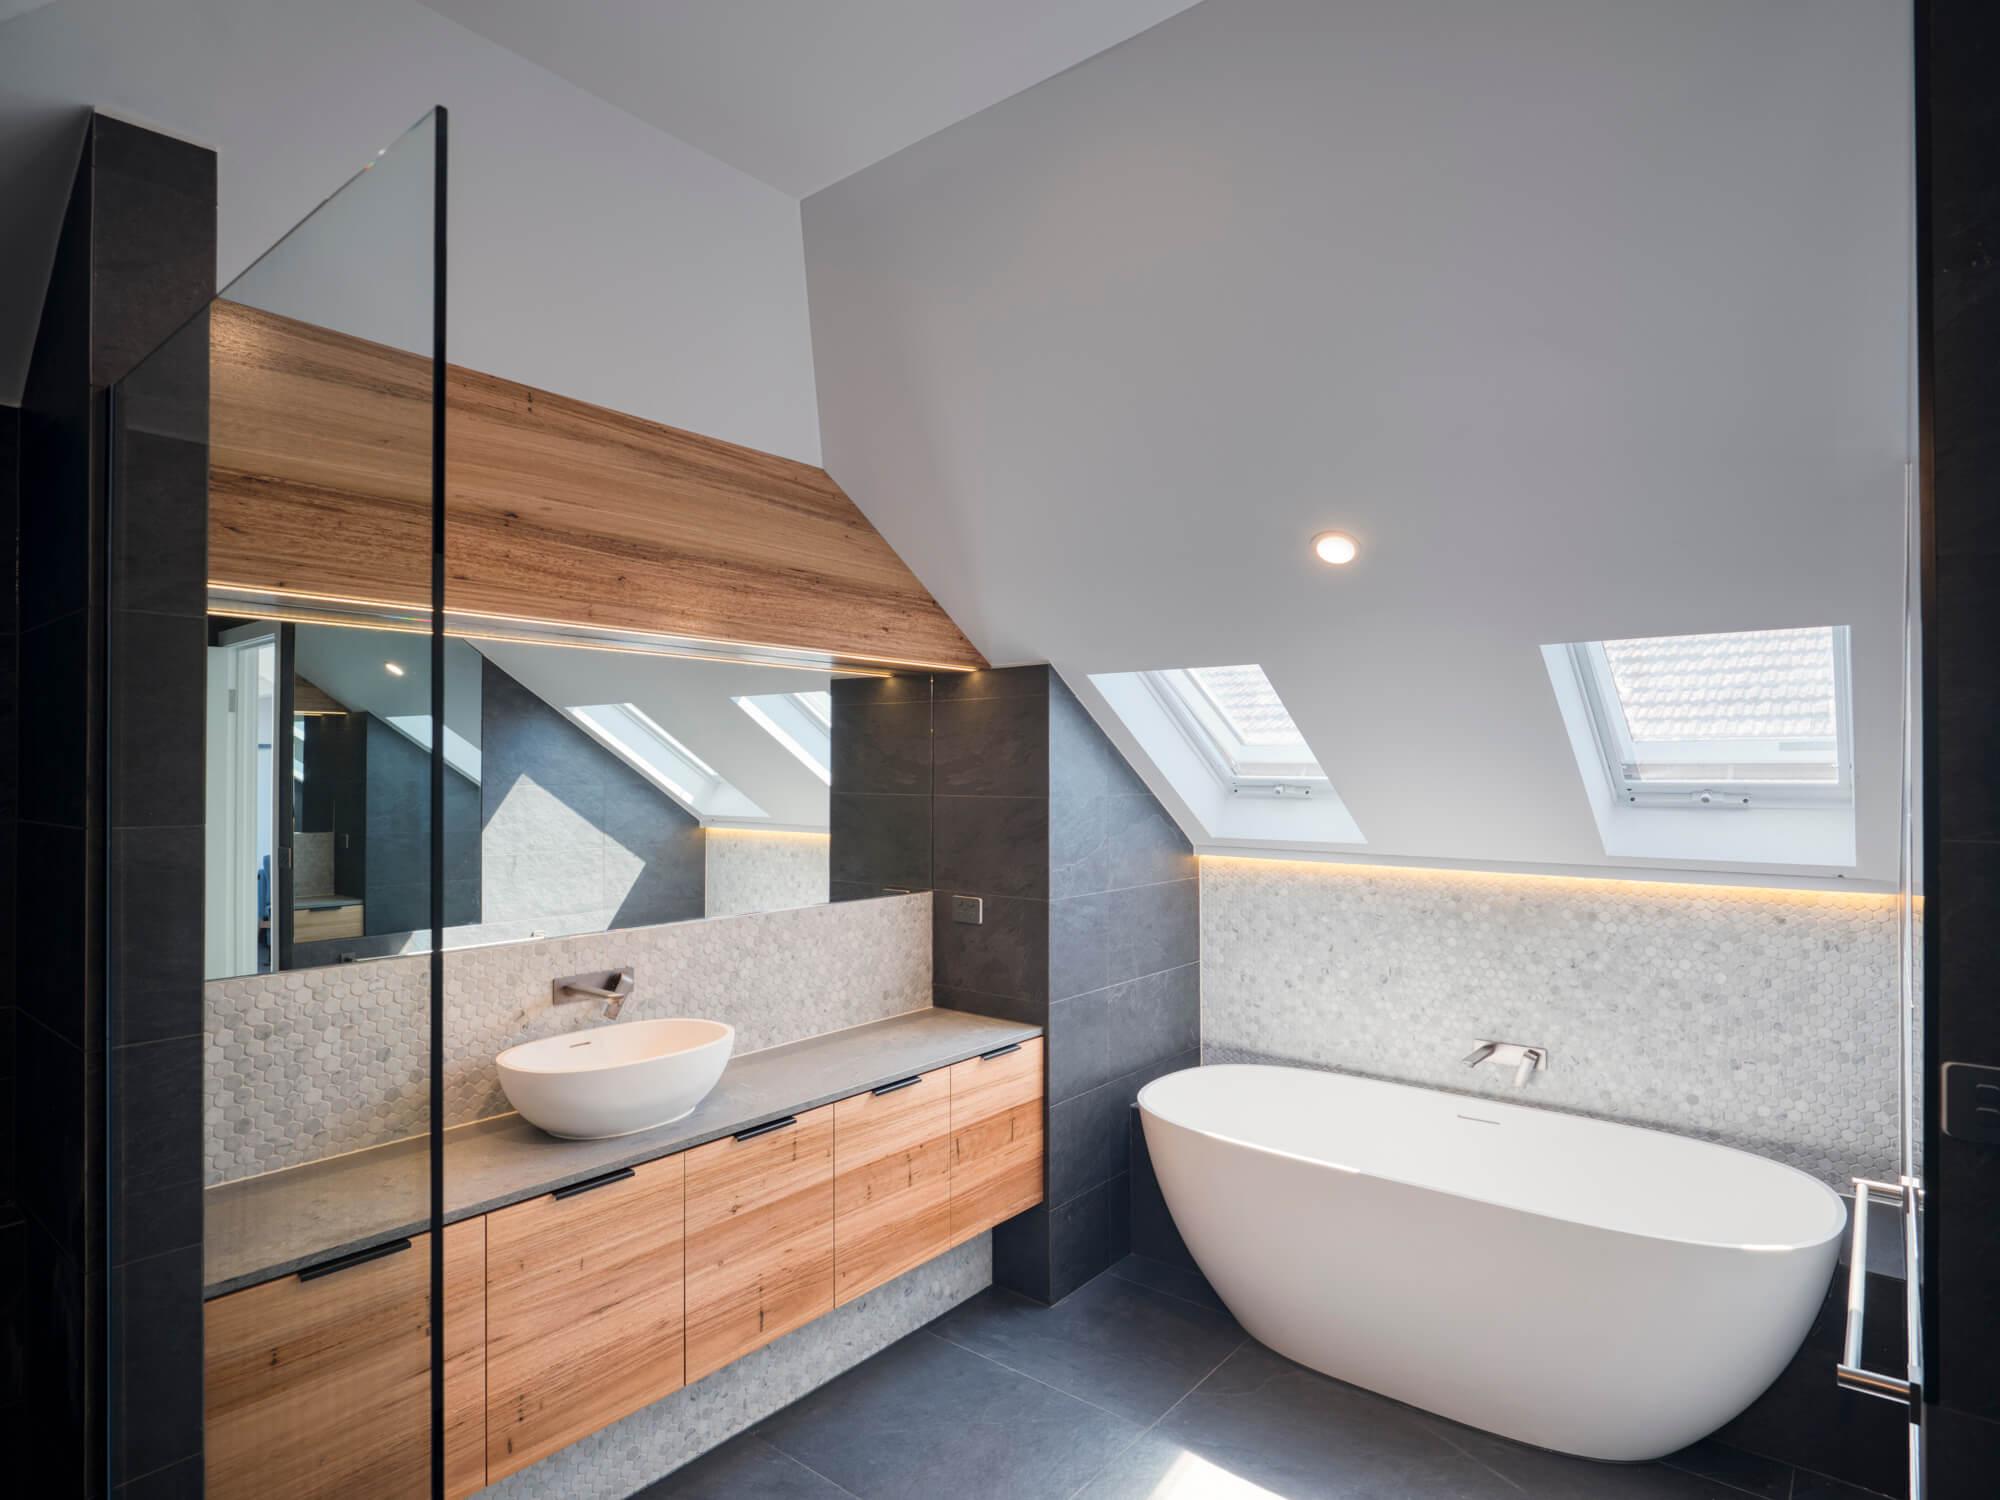 bathroom in house extension.jpg